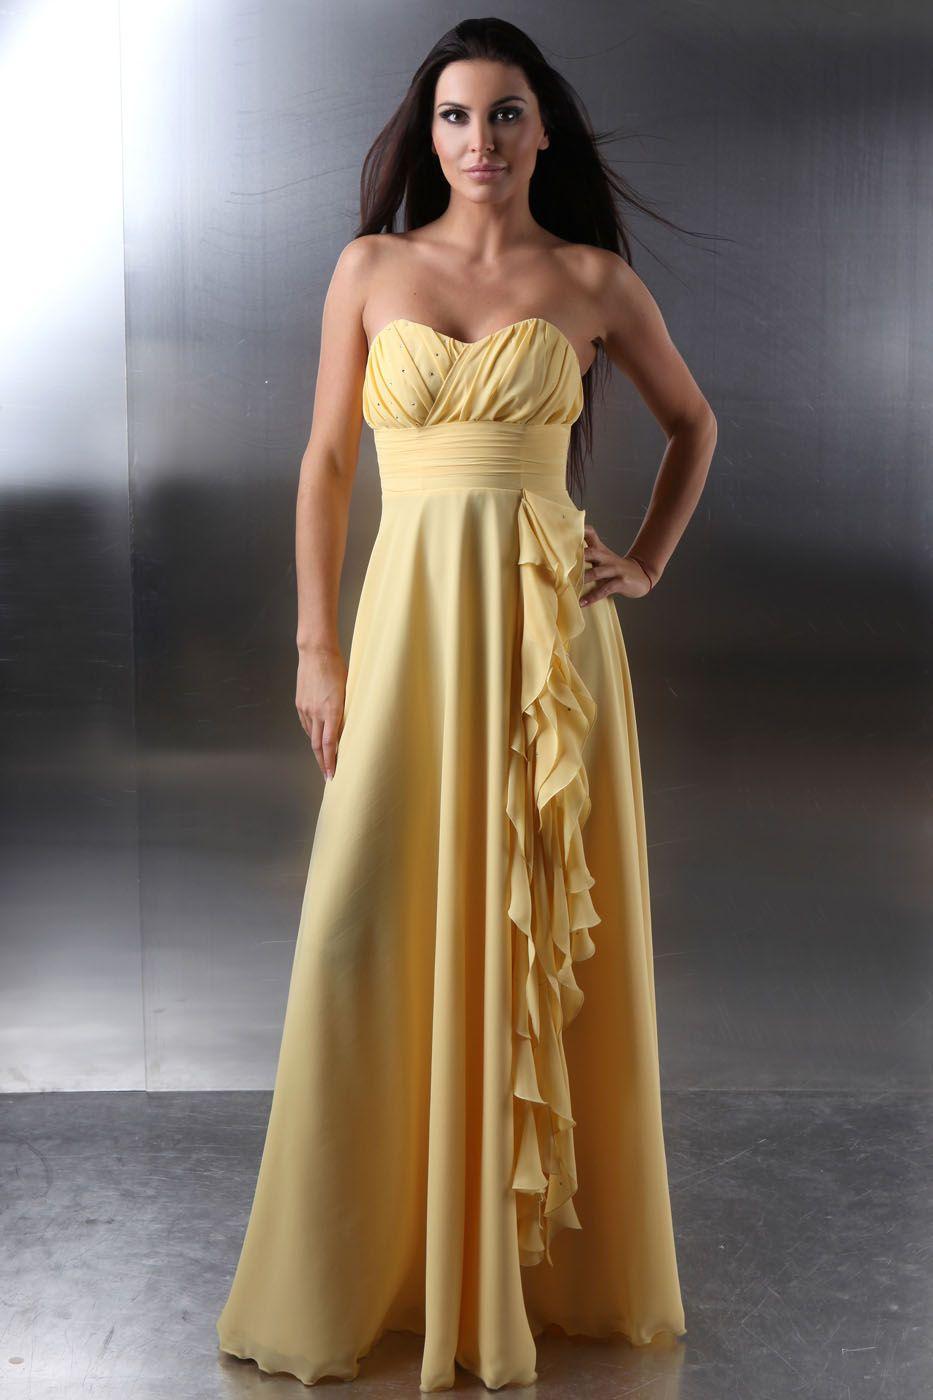 Langes Abschlussballkleid Abendkleid gelb aus Chiffon - Kleiderfreuden